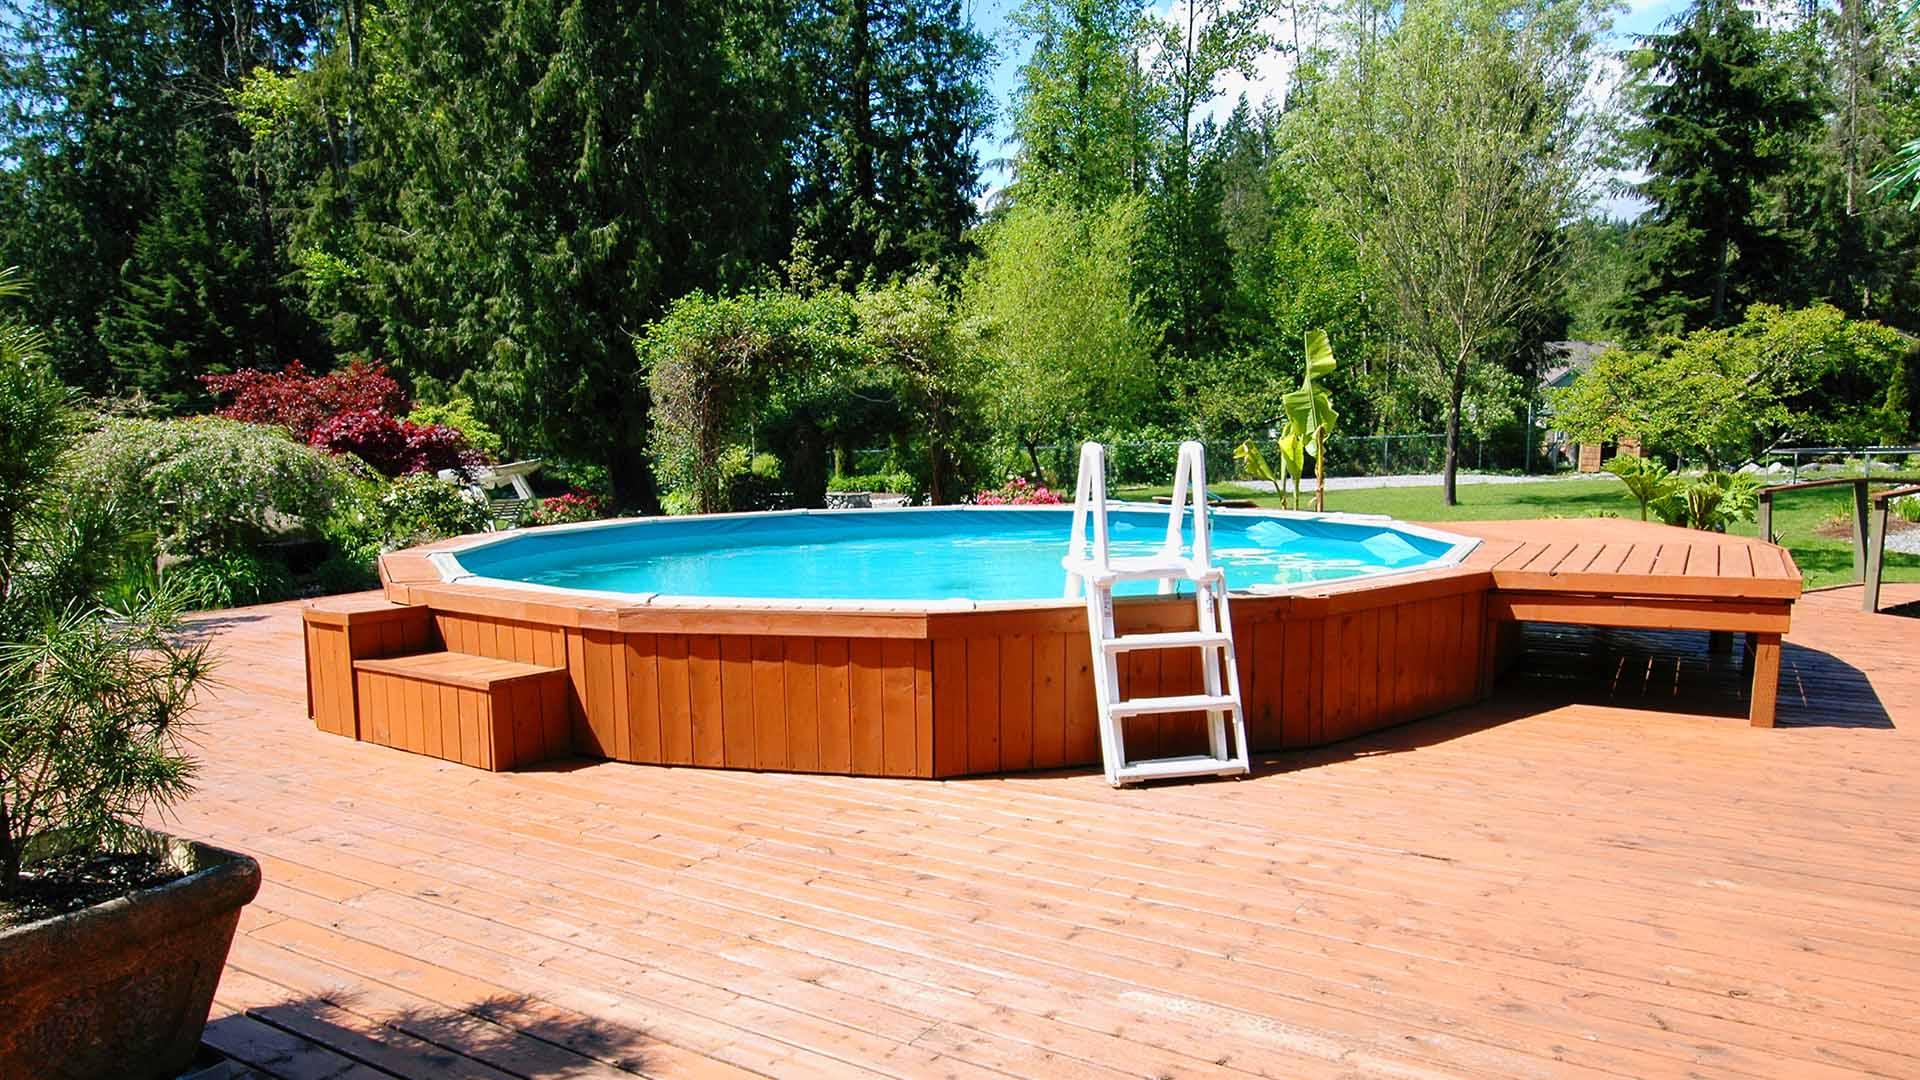 quel imp t pour une piscine hors sol semi enterr e en coque lt immobilier